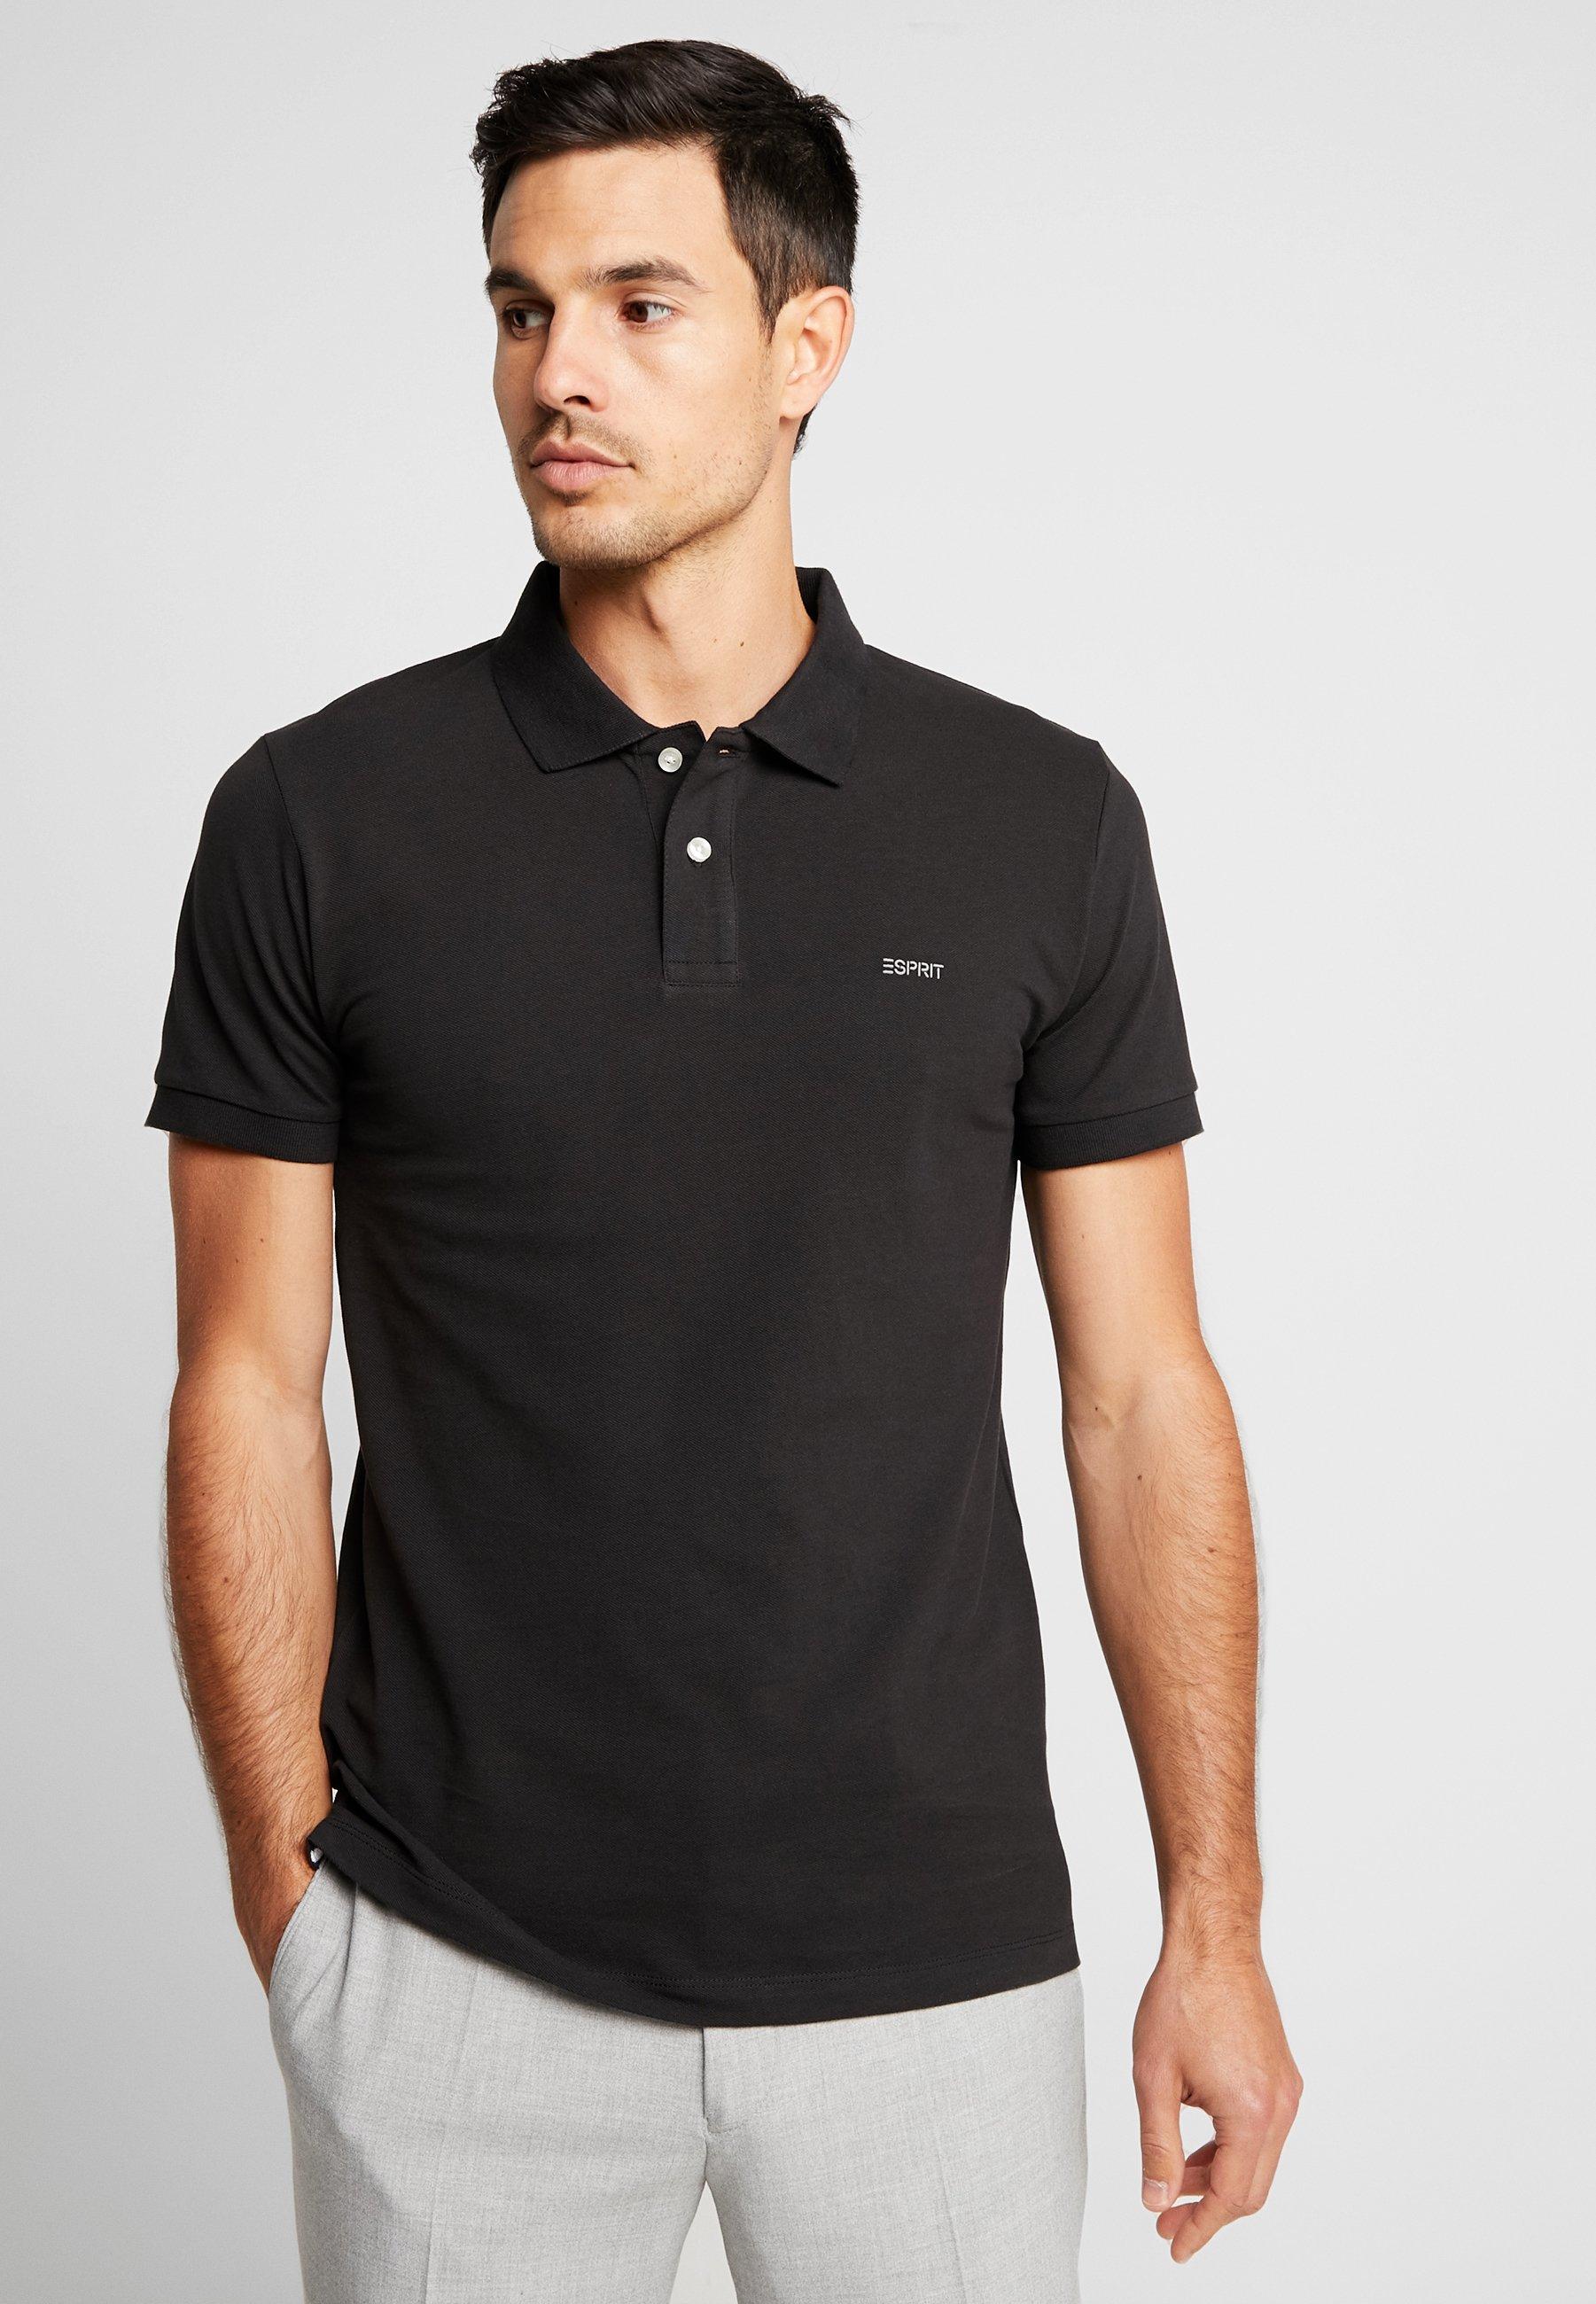 Koszulka polo ESPRIT Czarna i inne kolory S-XXL 100% bawełna ZALANDO